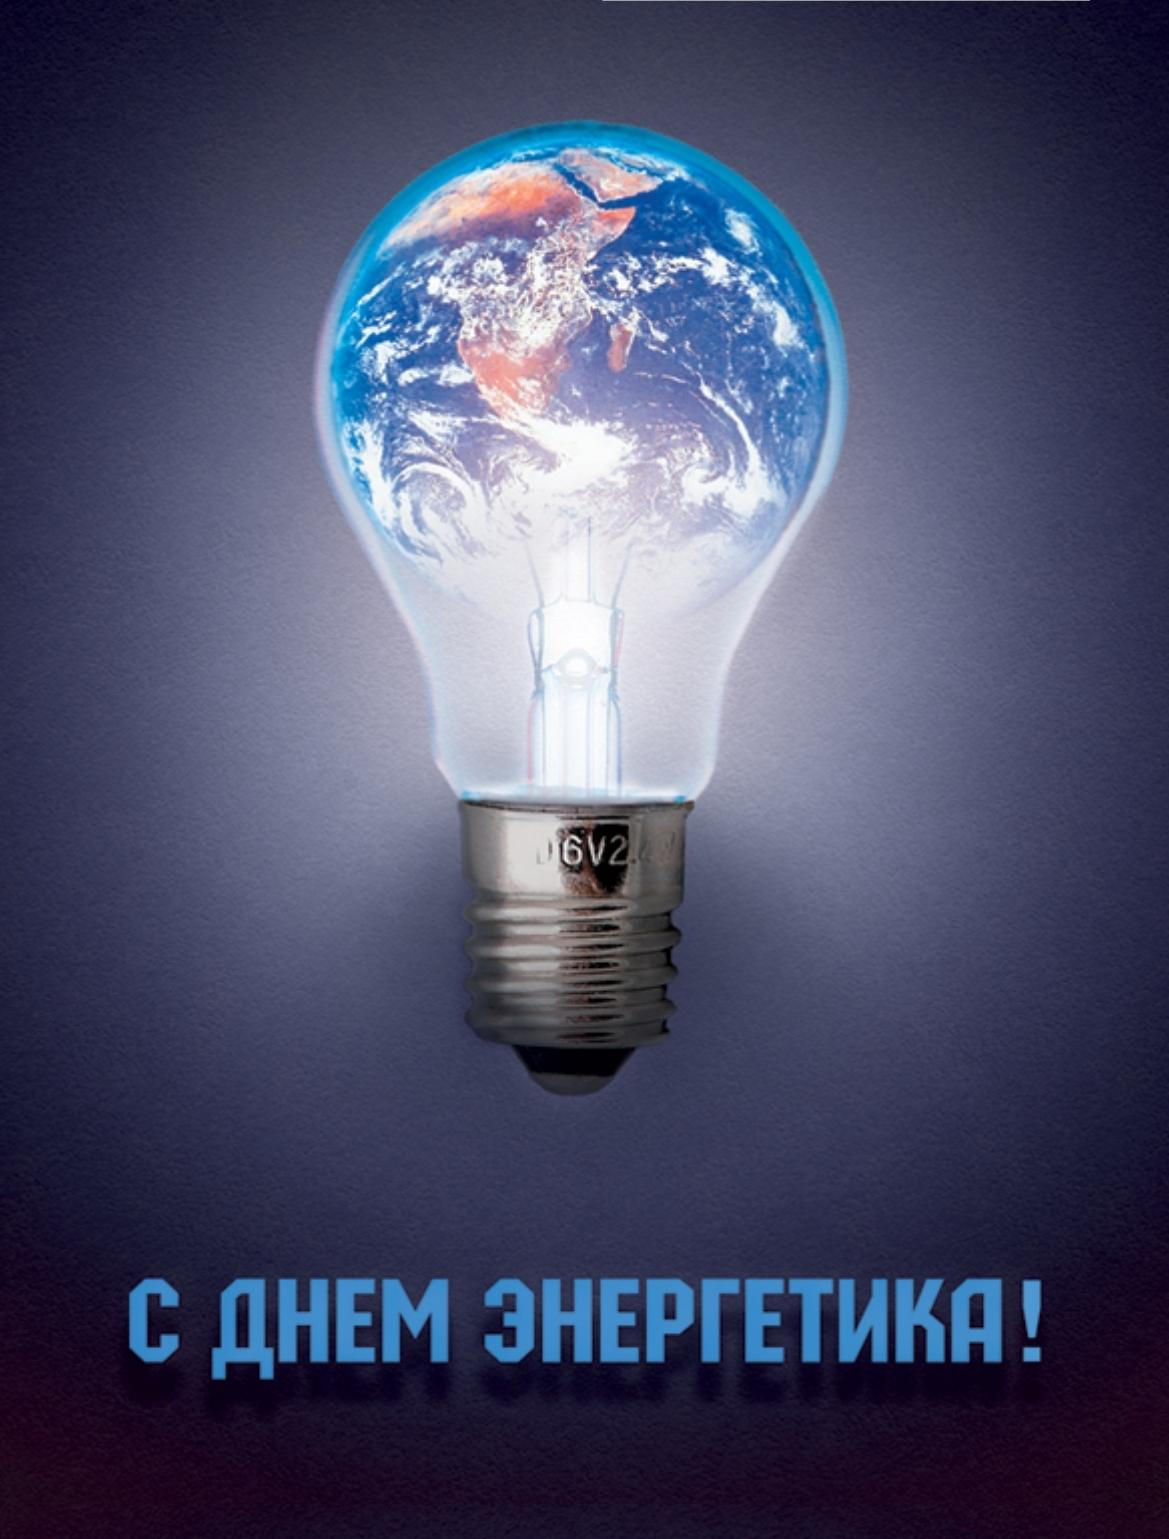 Открытка в ко дню энергетика